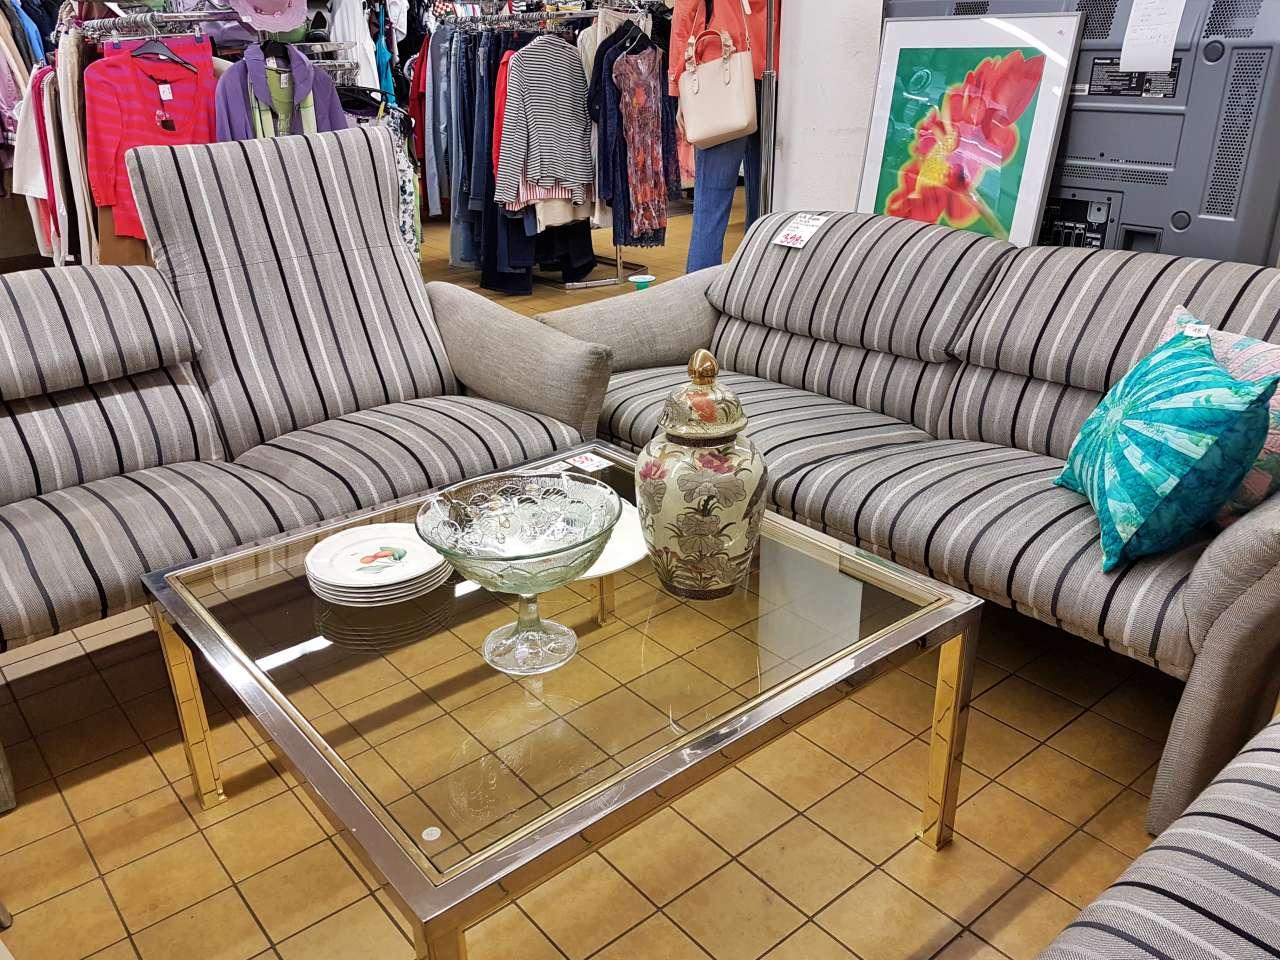 Möbel und Einrichtung Sofa Couch grau gestreift